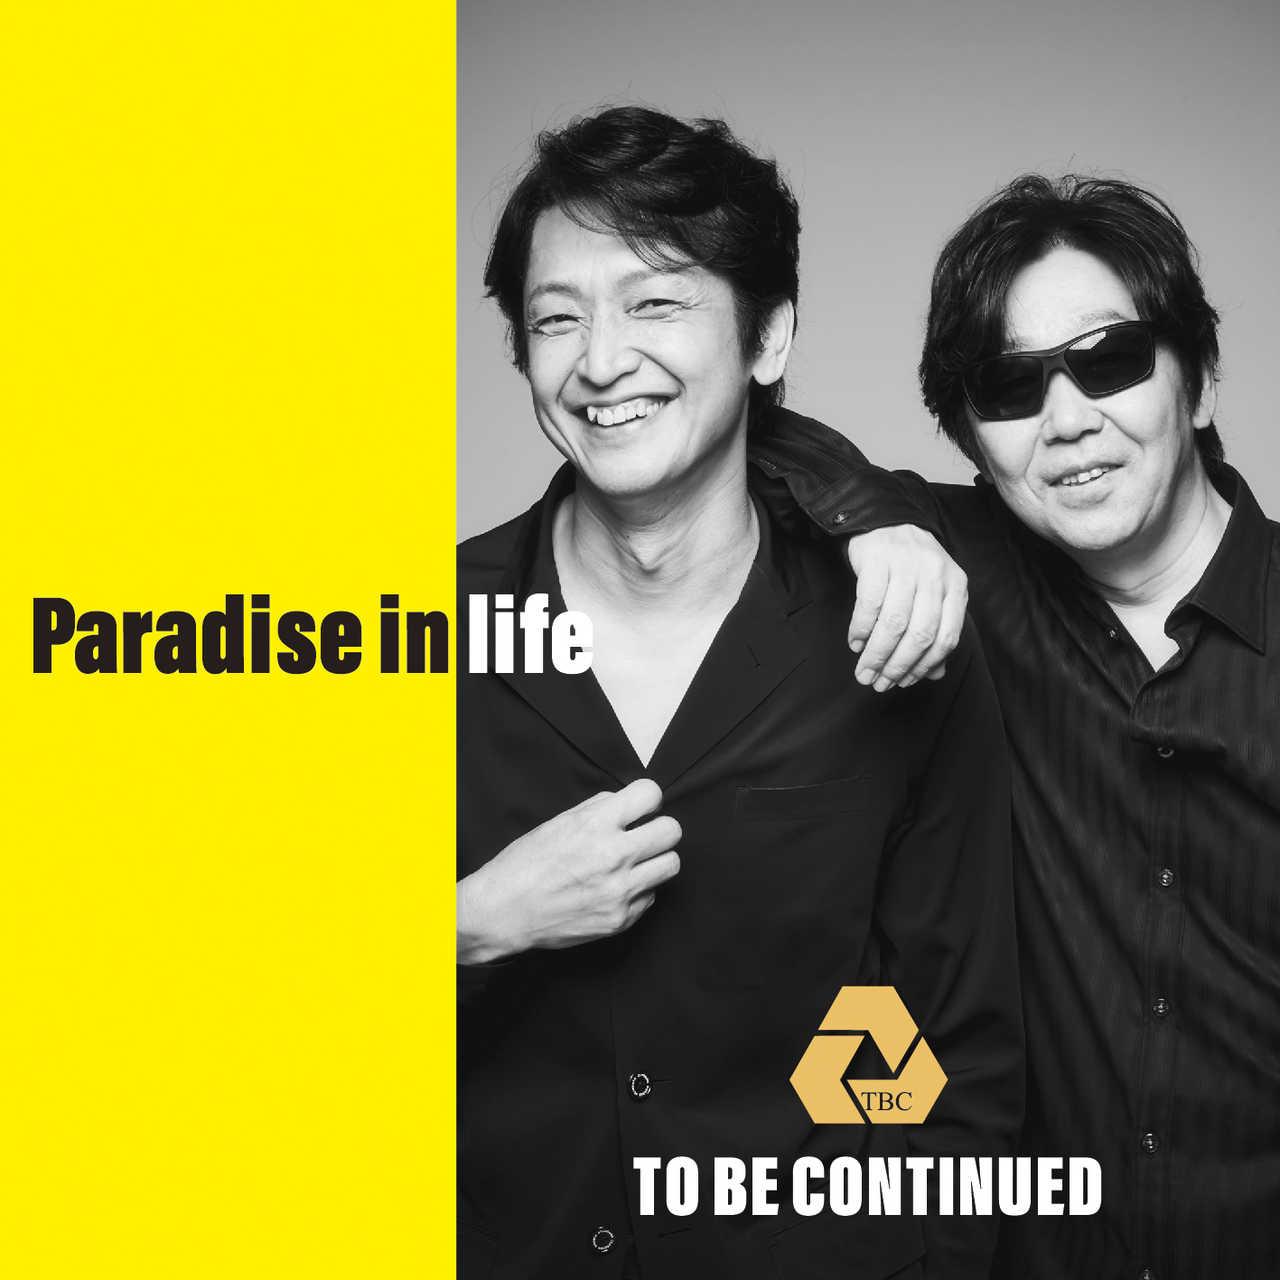 アルバム『Paradise in life』